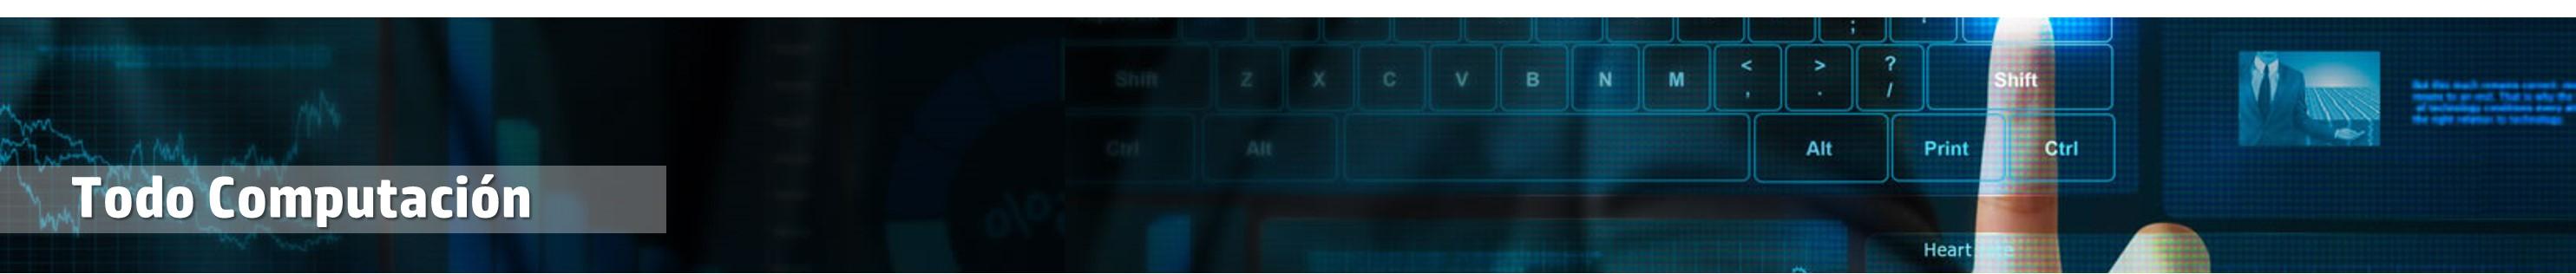 banner Computadoras